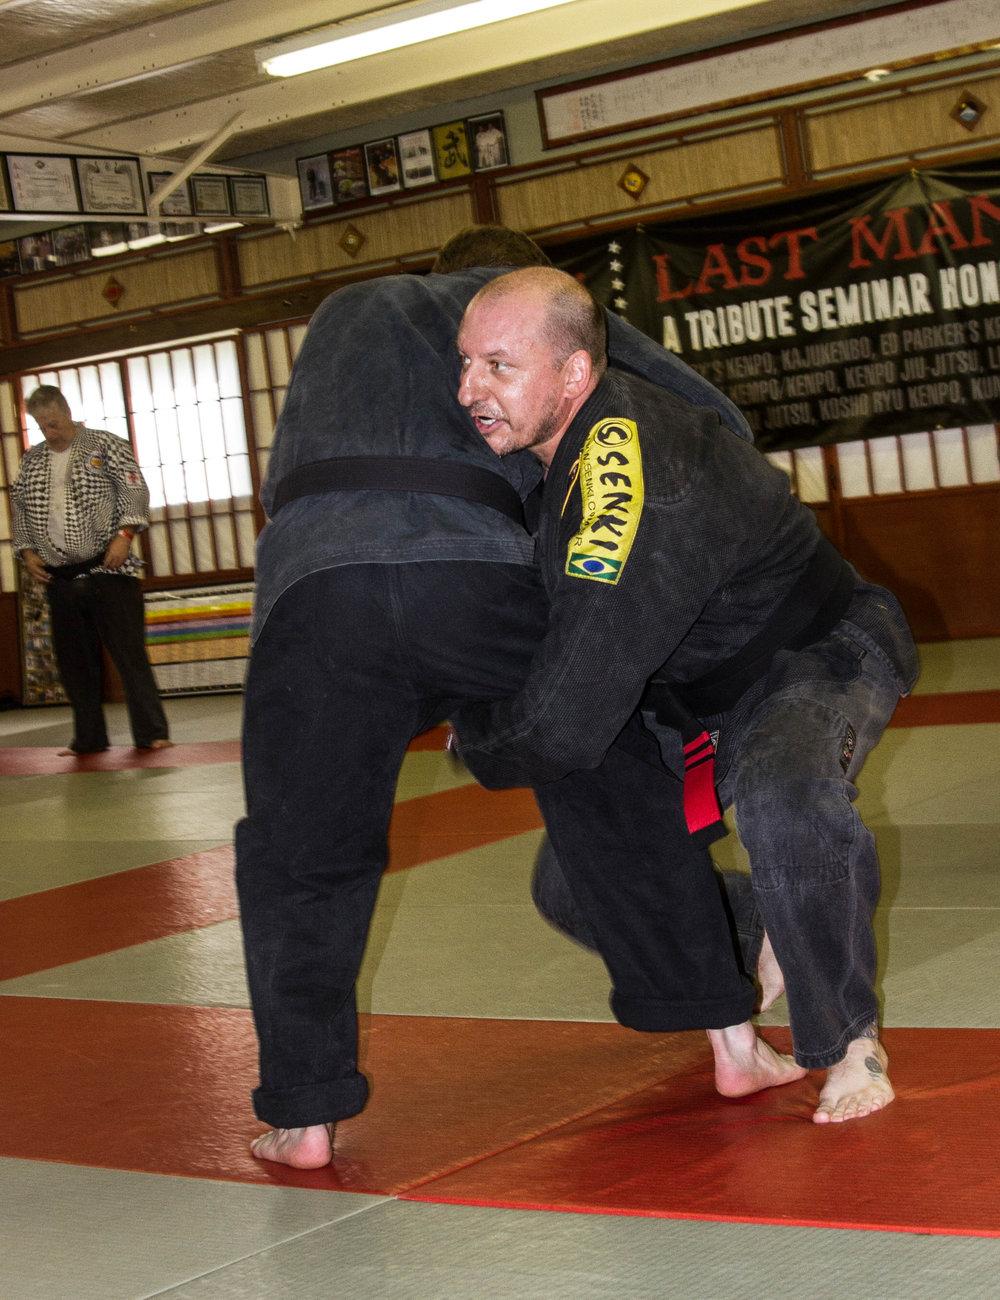 Master Sheiner takedown!